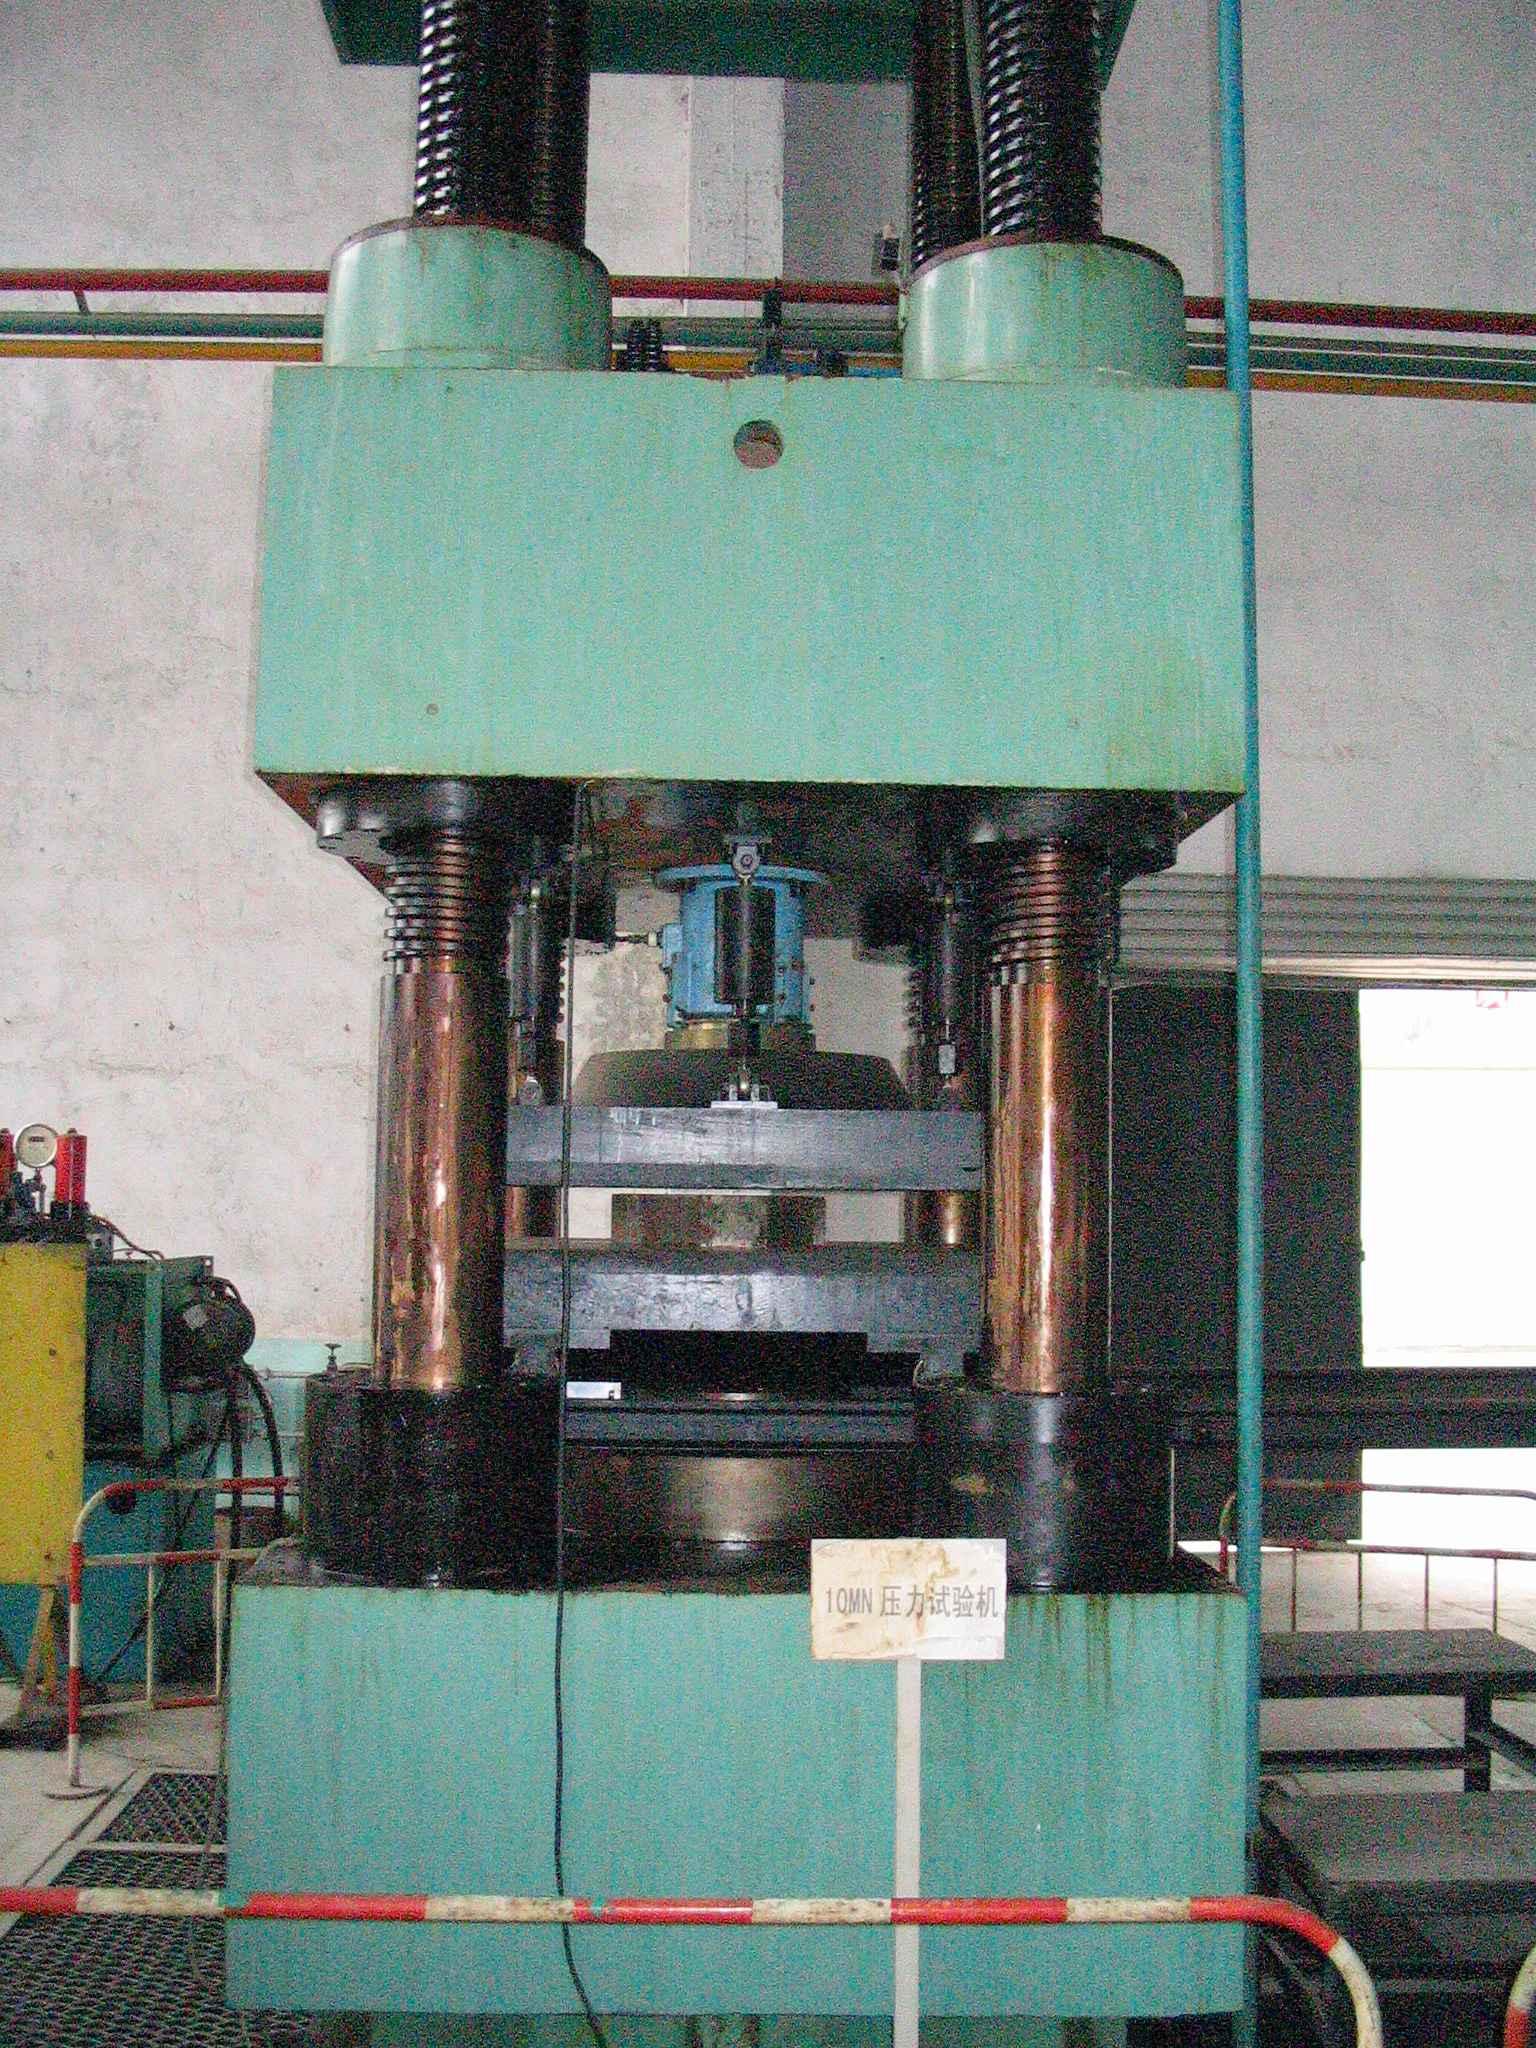 KC200优质轴承钢大颗粒夹杂物检测系统